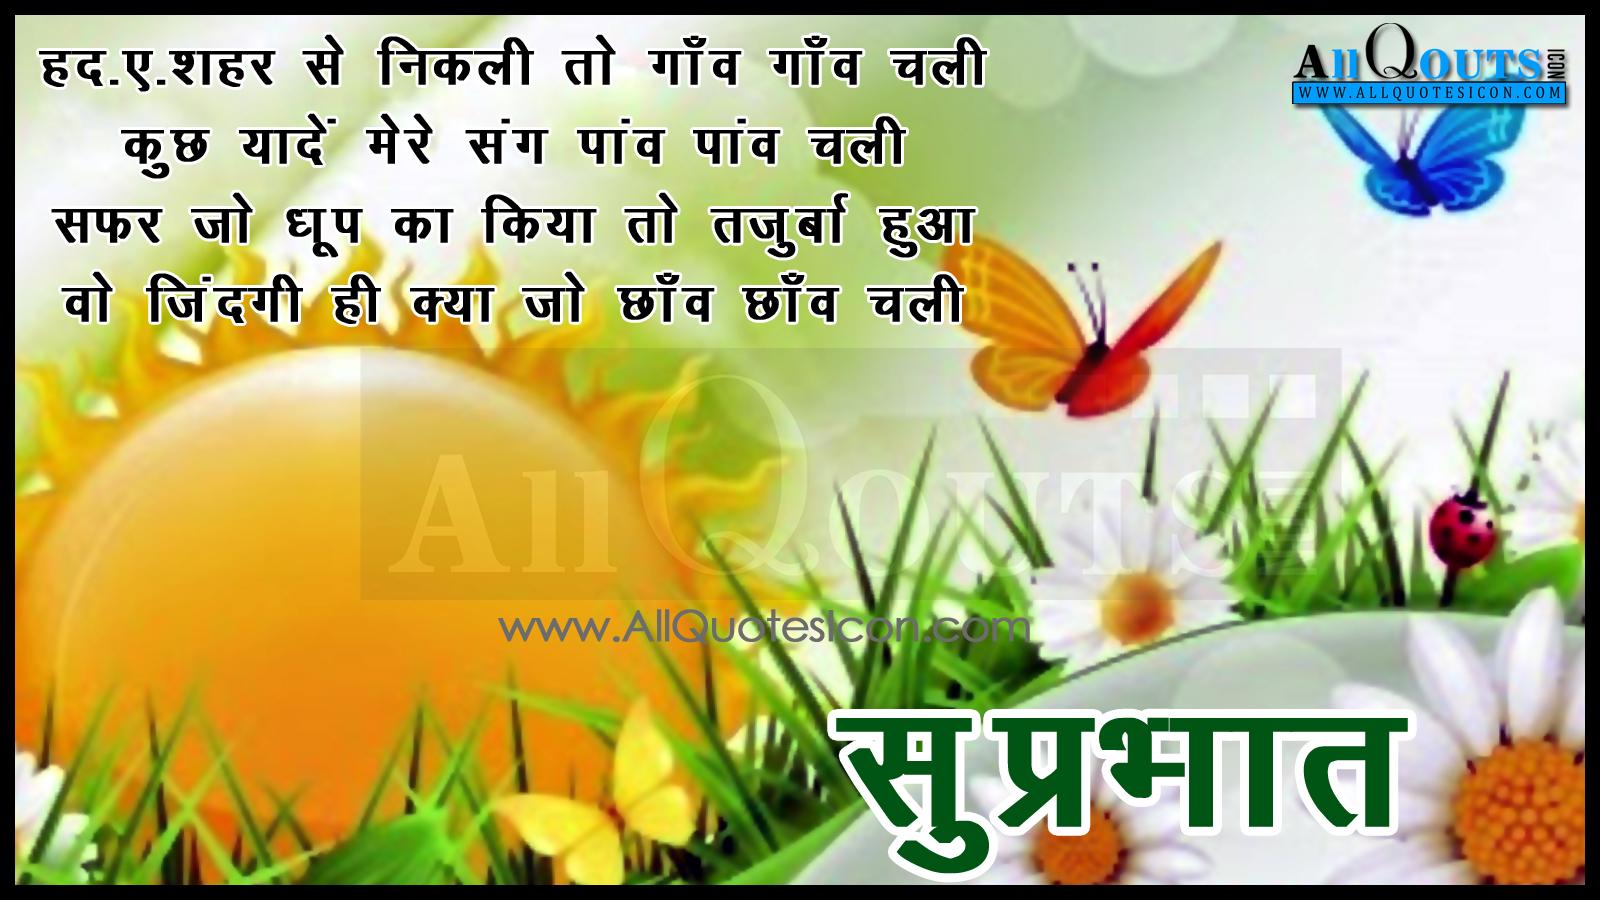 good morning wallpaper shayari download only in hindi new